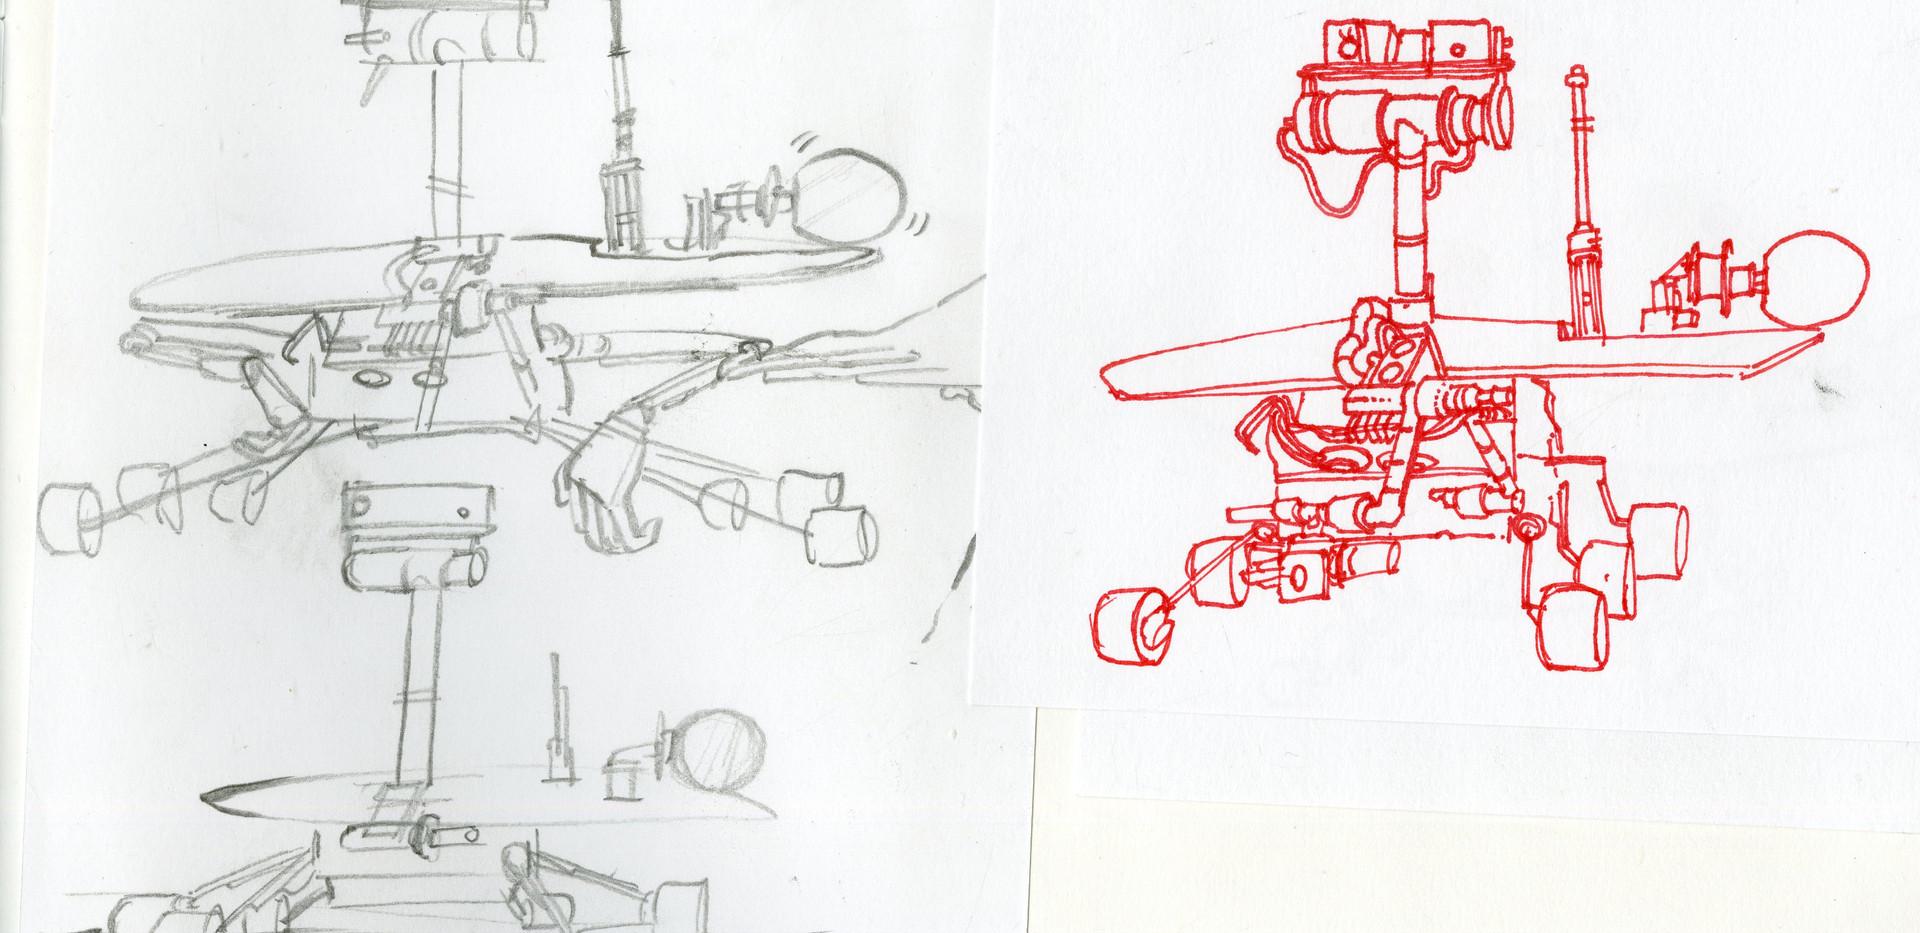 Oppy Design 1